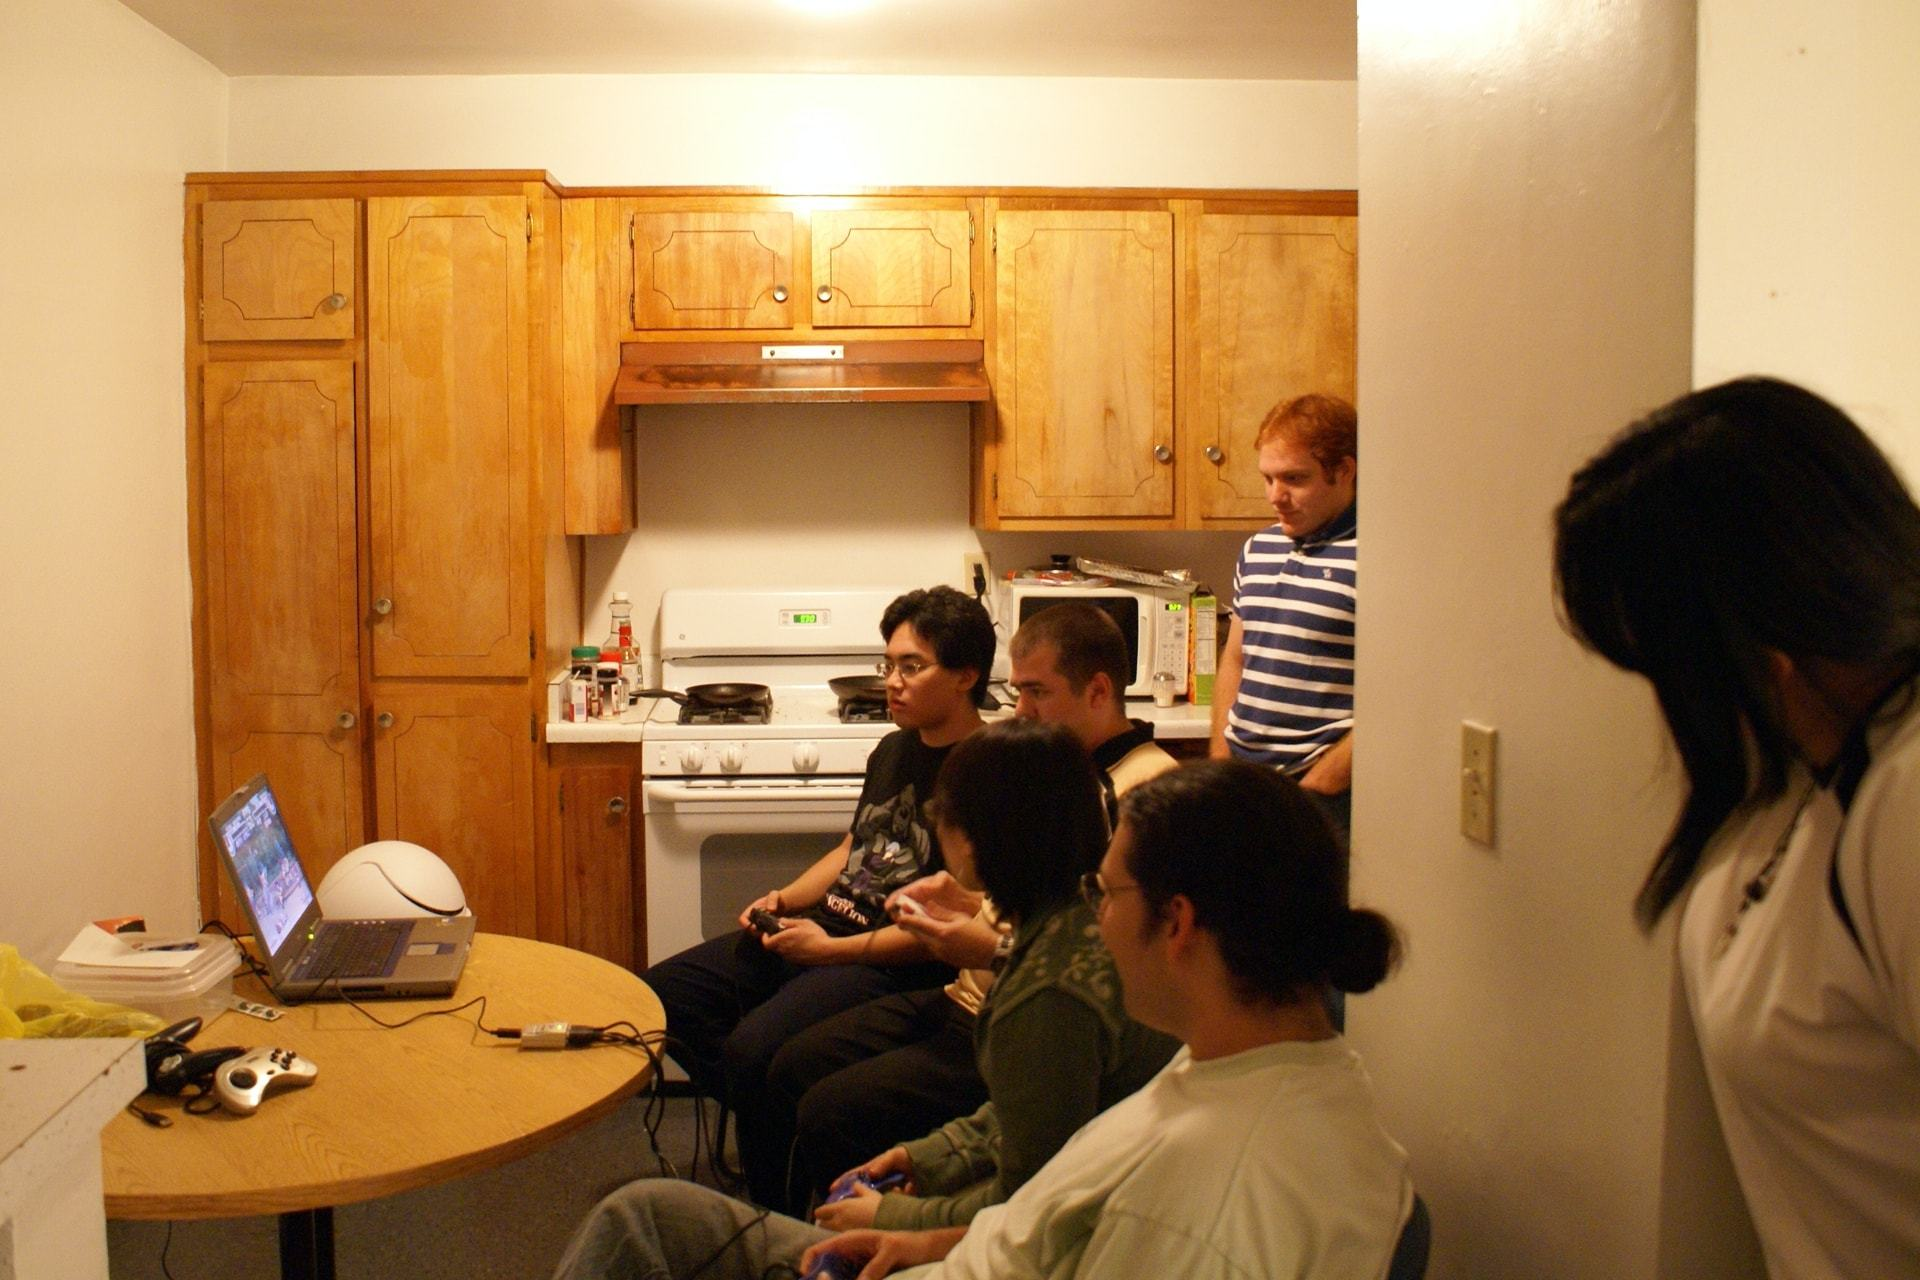 Pessoas jogando video game em um notebook velho em uma cozinha.